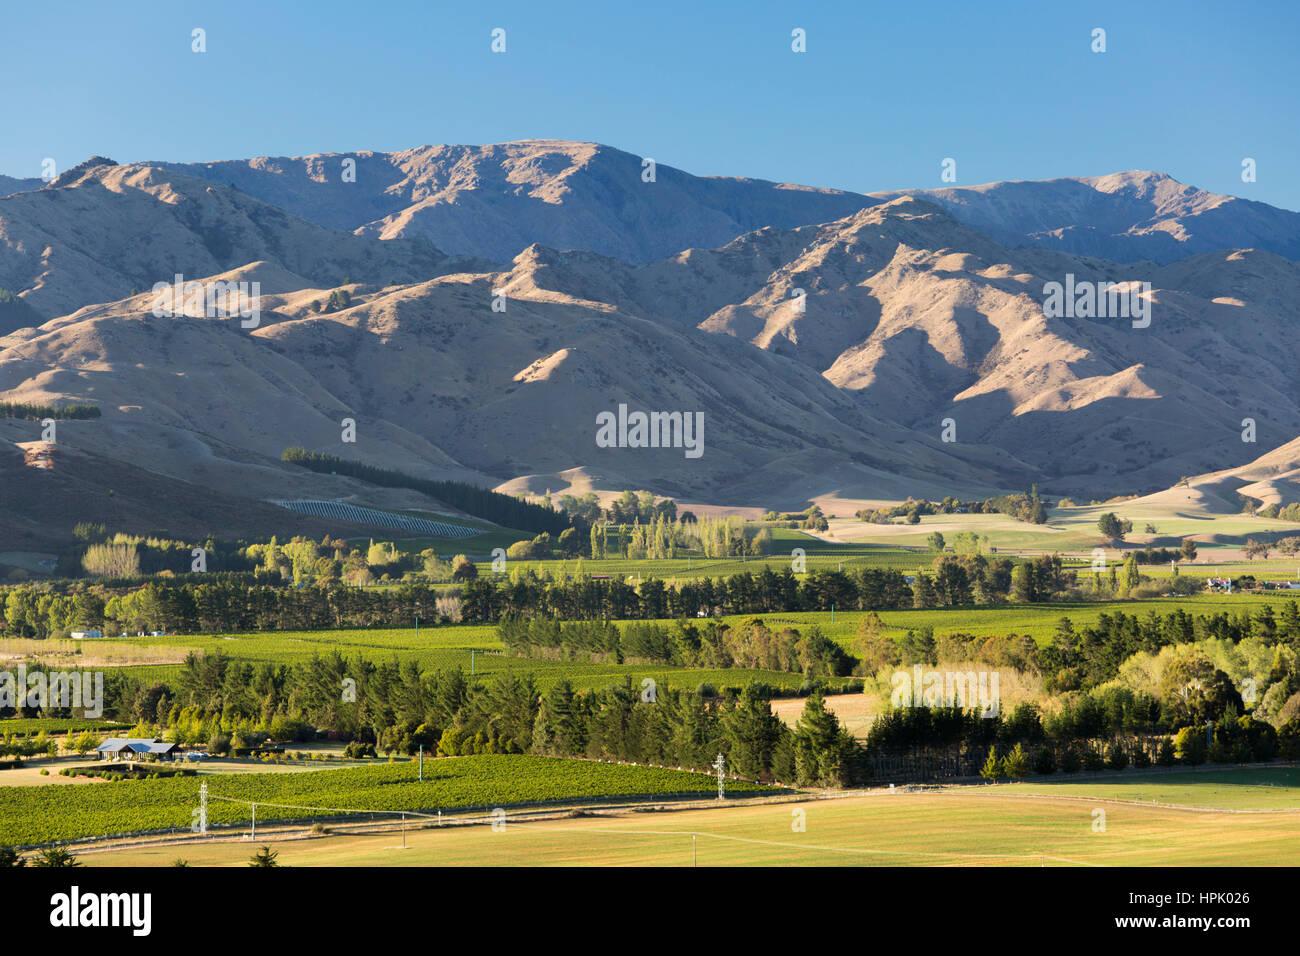 Blenheim, Marlborough, Neuseeland. Blick über Weinberge im Wairau Valley auf die trockenen Hänge des Wither Hills. Stockfoto